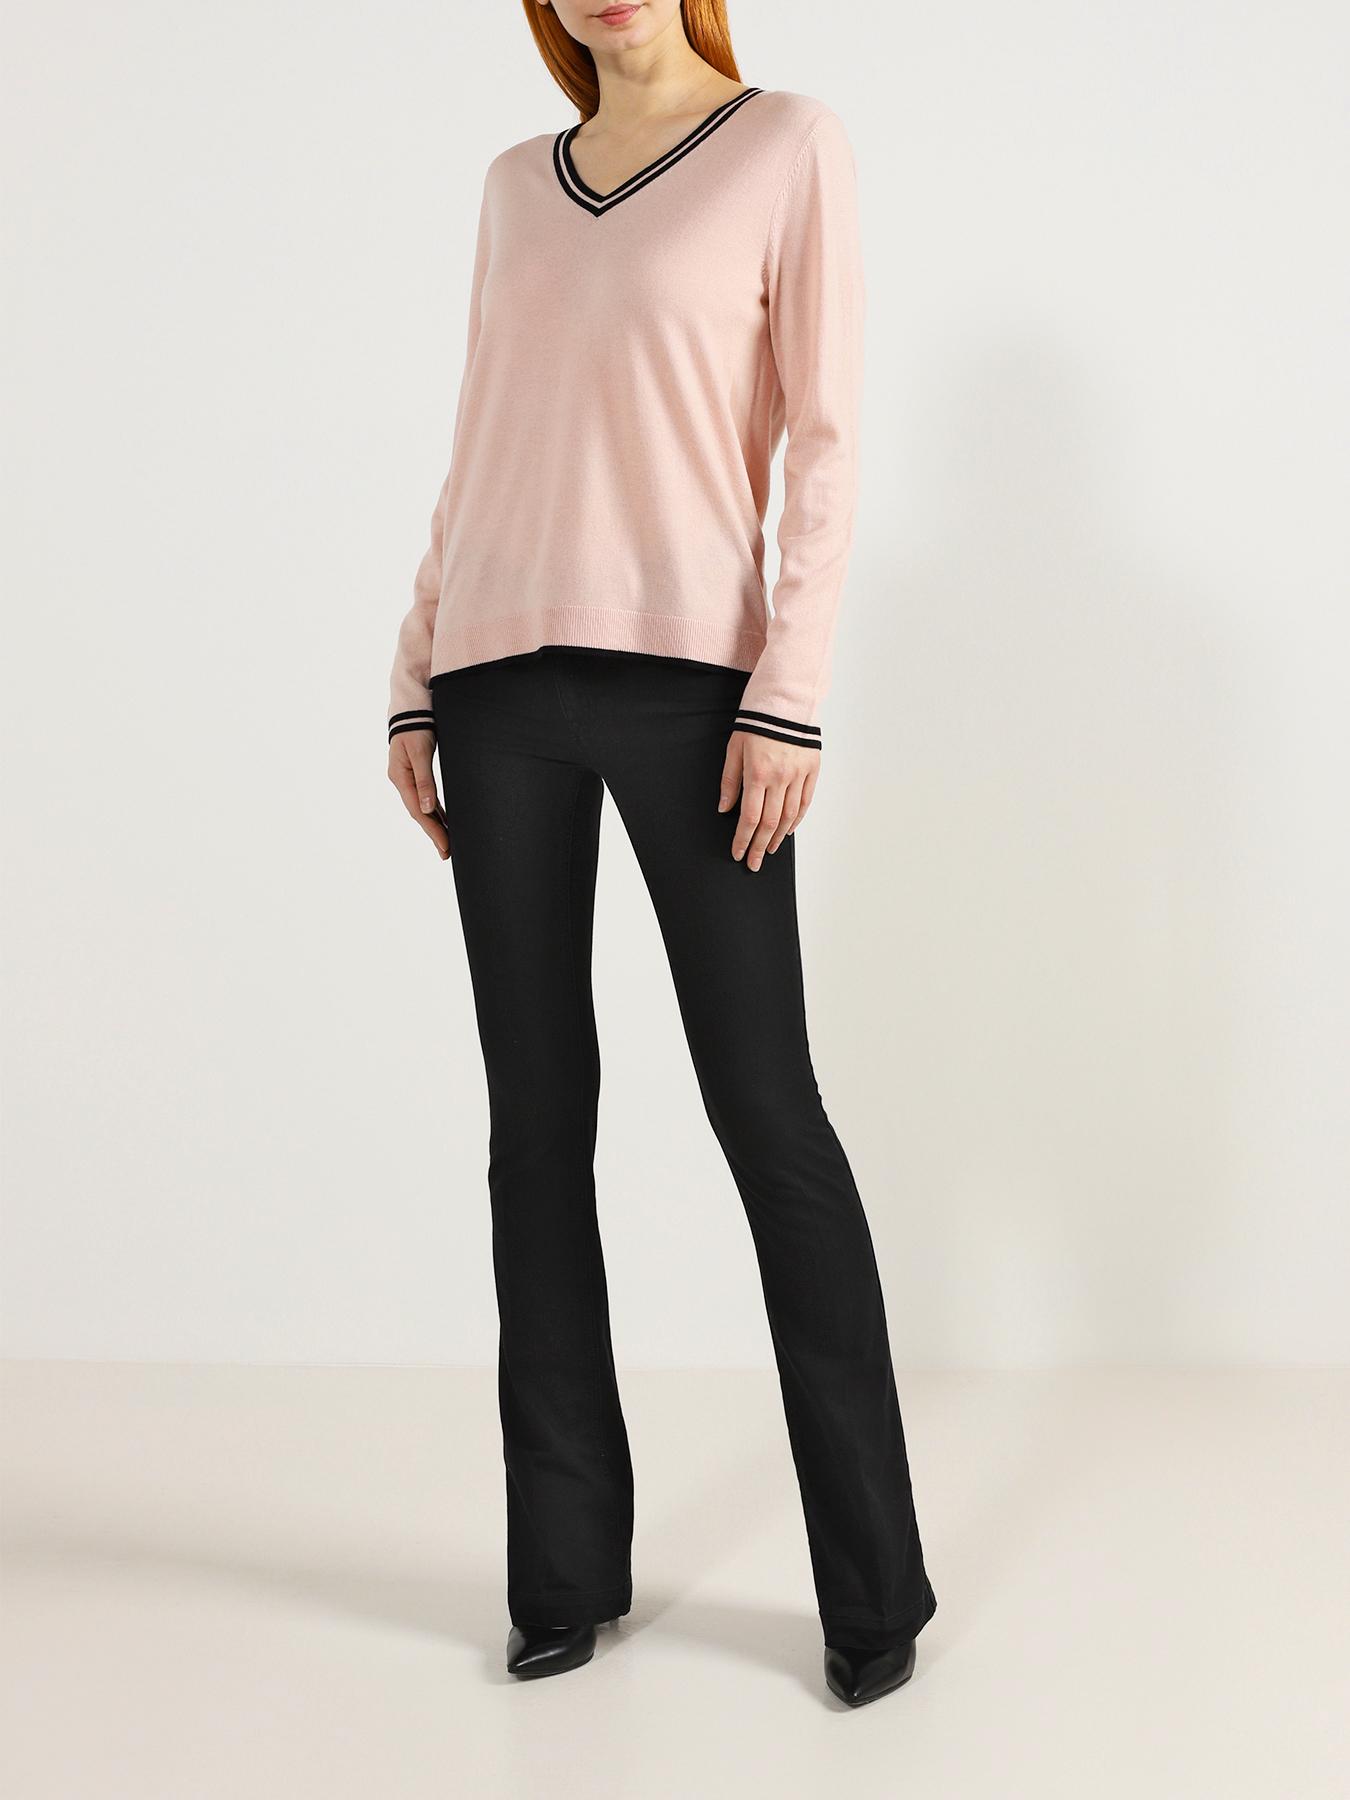 Пуловер Laurel Пуловер пуловер stradivarius stradivarius ix001xw004xq